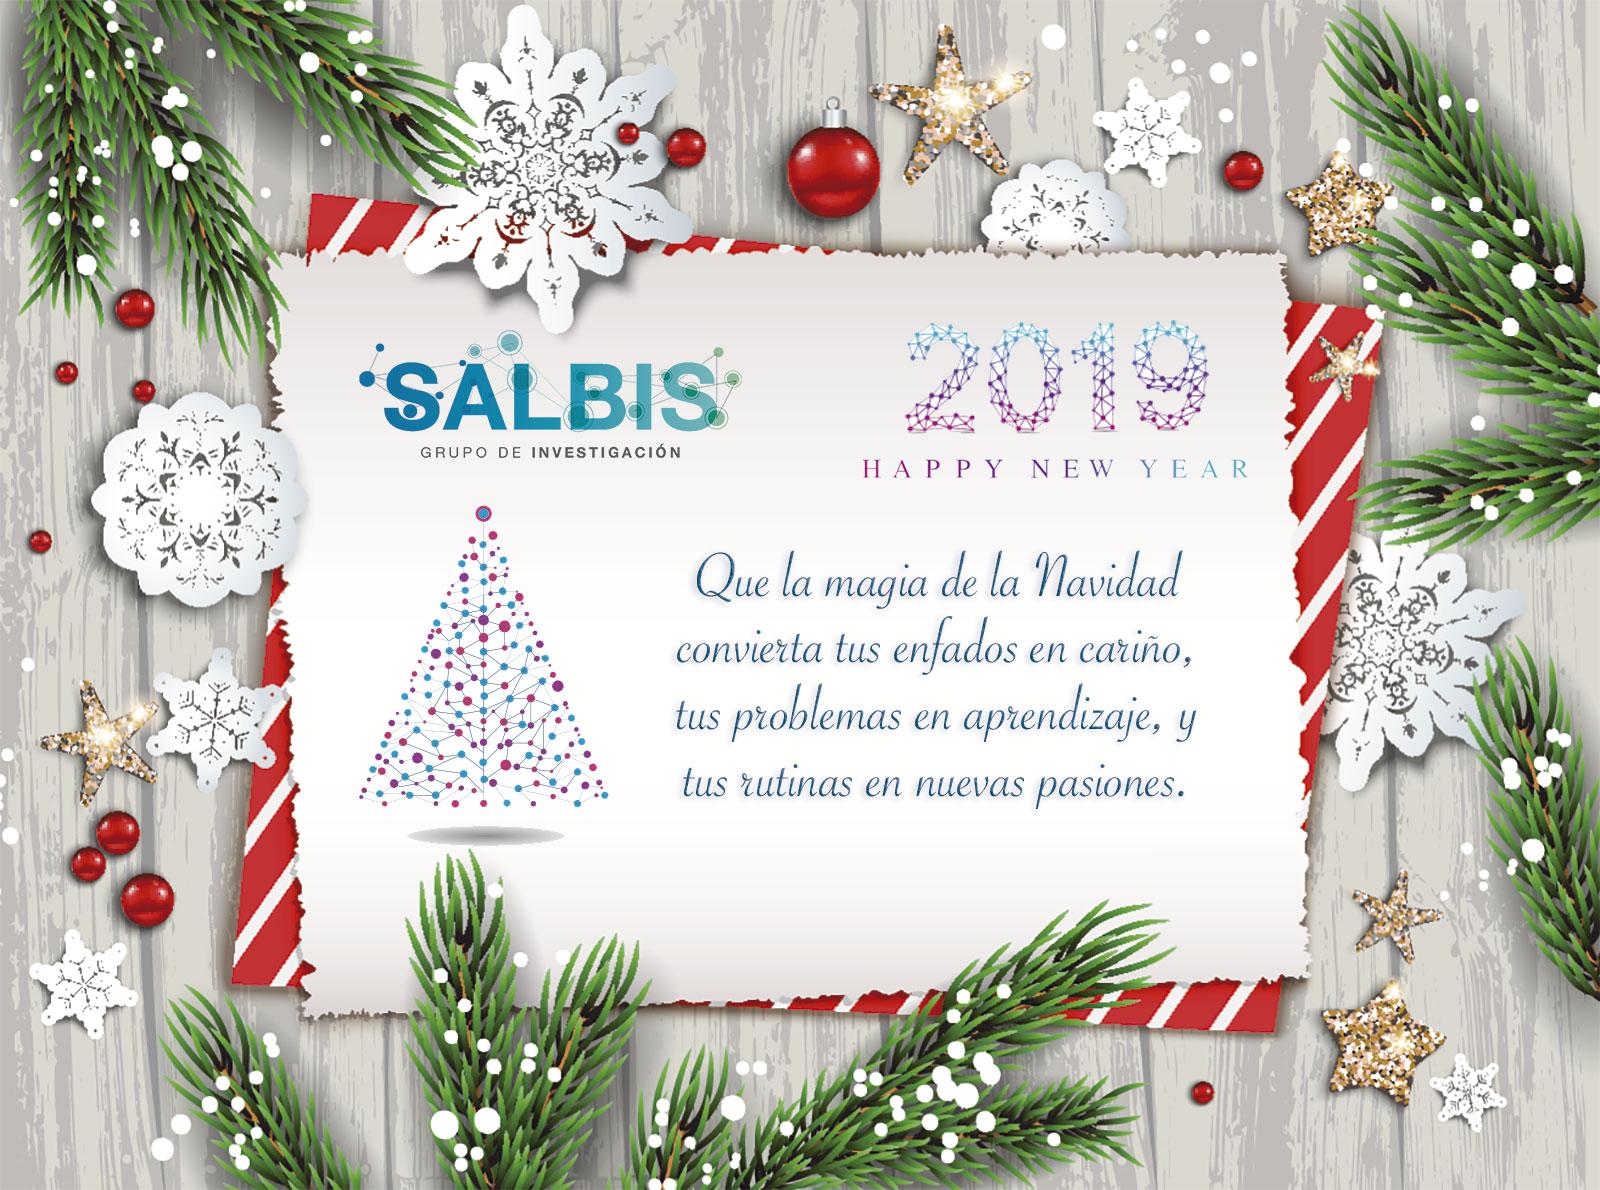 Imagenes De Navidad 2019.Desde Salbis Os Deseamos Feliz Navidad Y Un Feliz Ano 2019